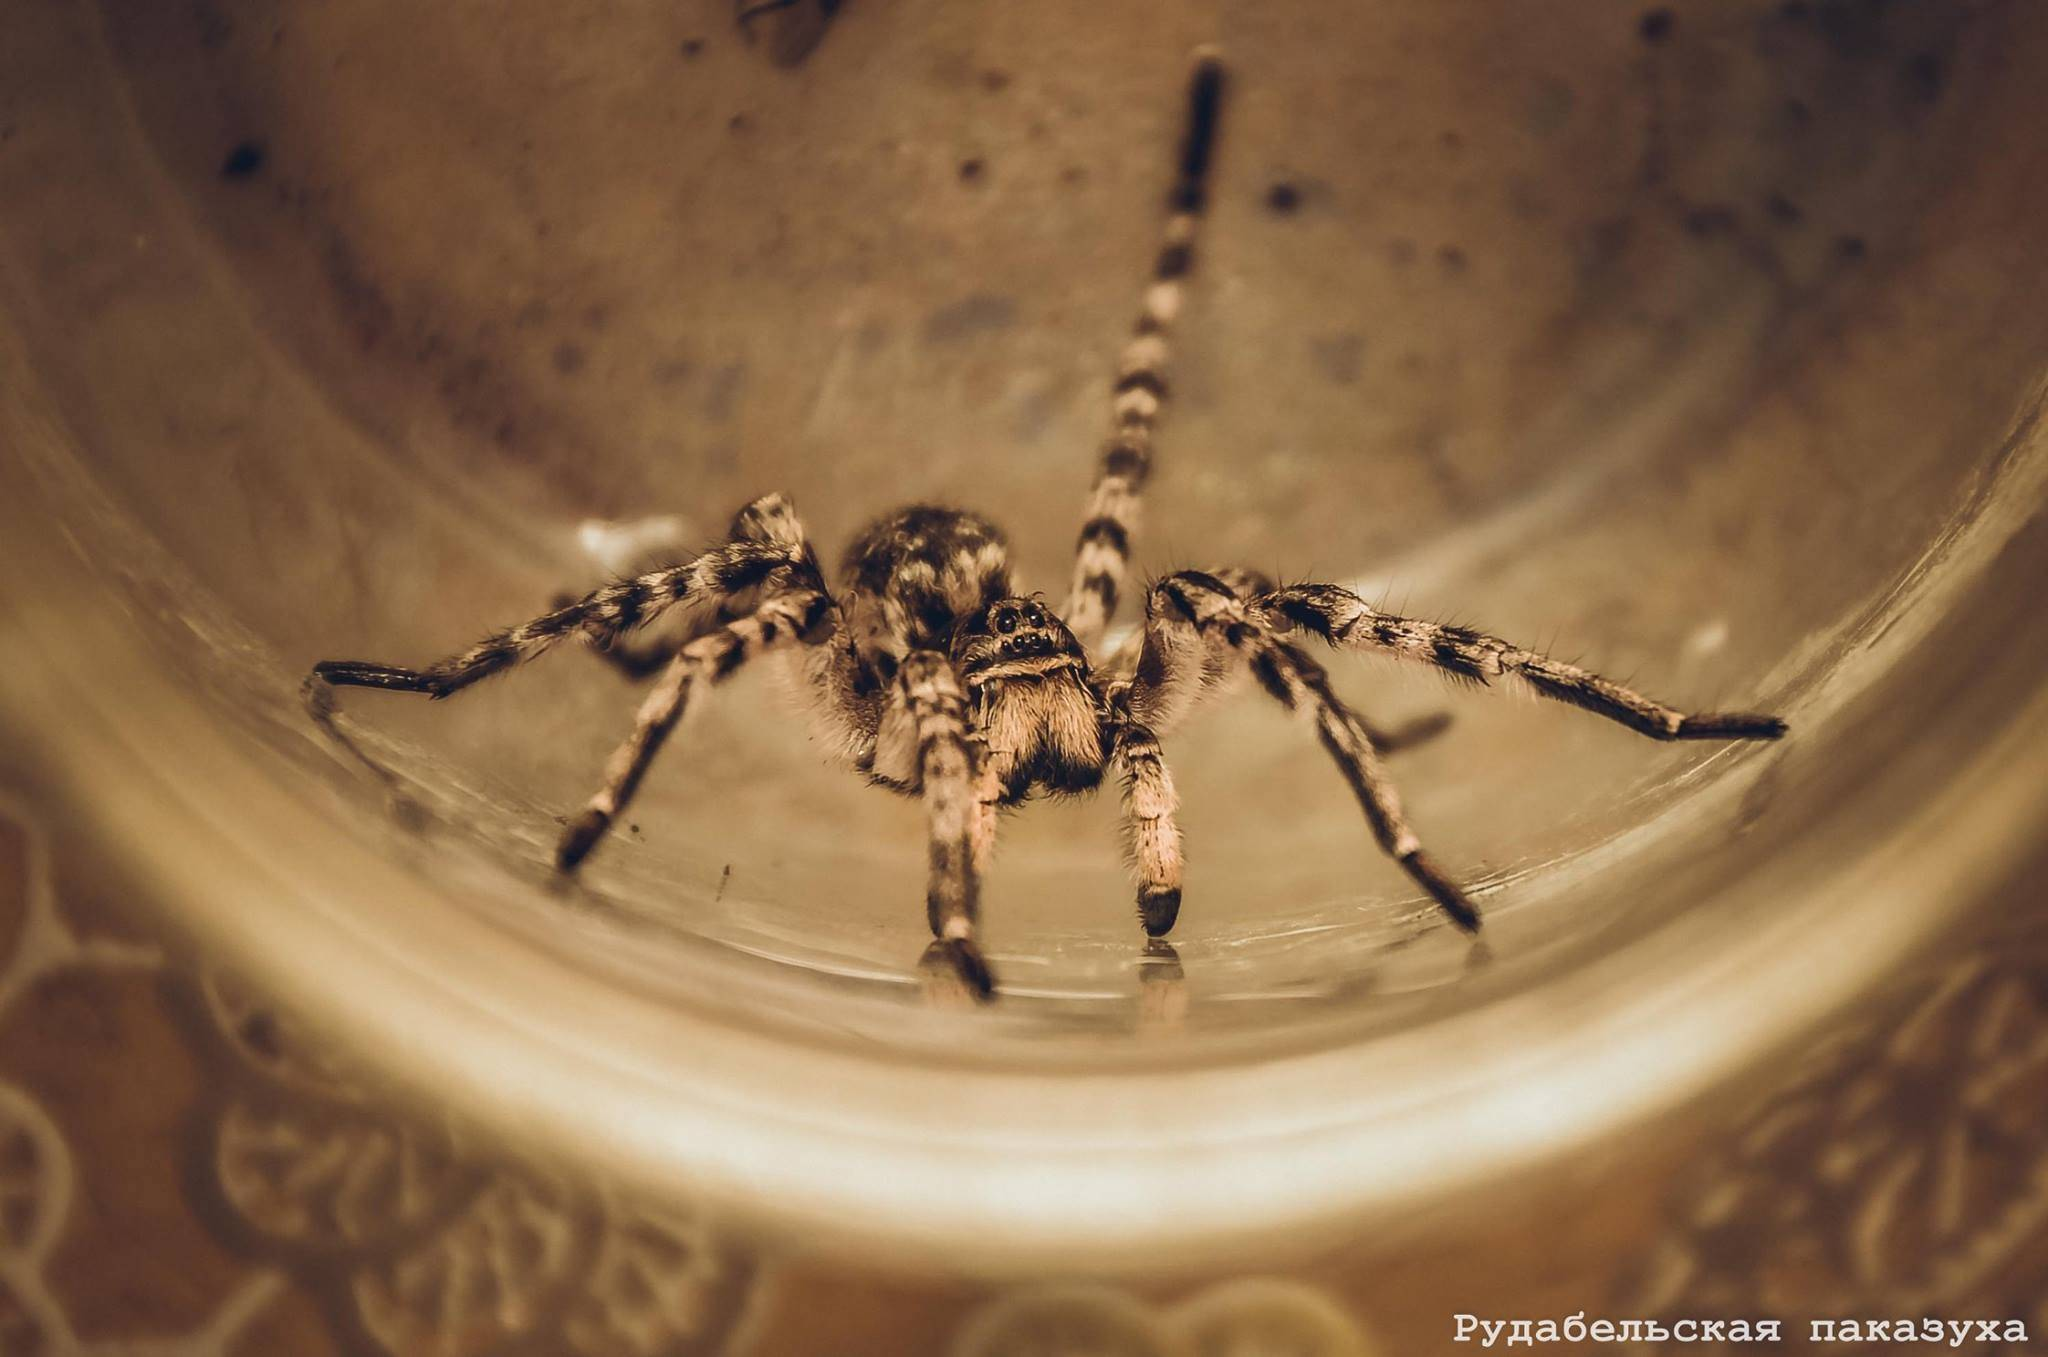 Что делать, если завелись пауки в квартире? как навсегда избавиться от пауков в своем доме